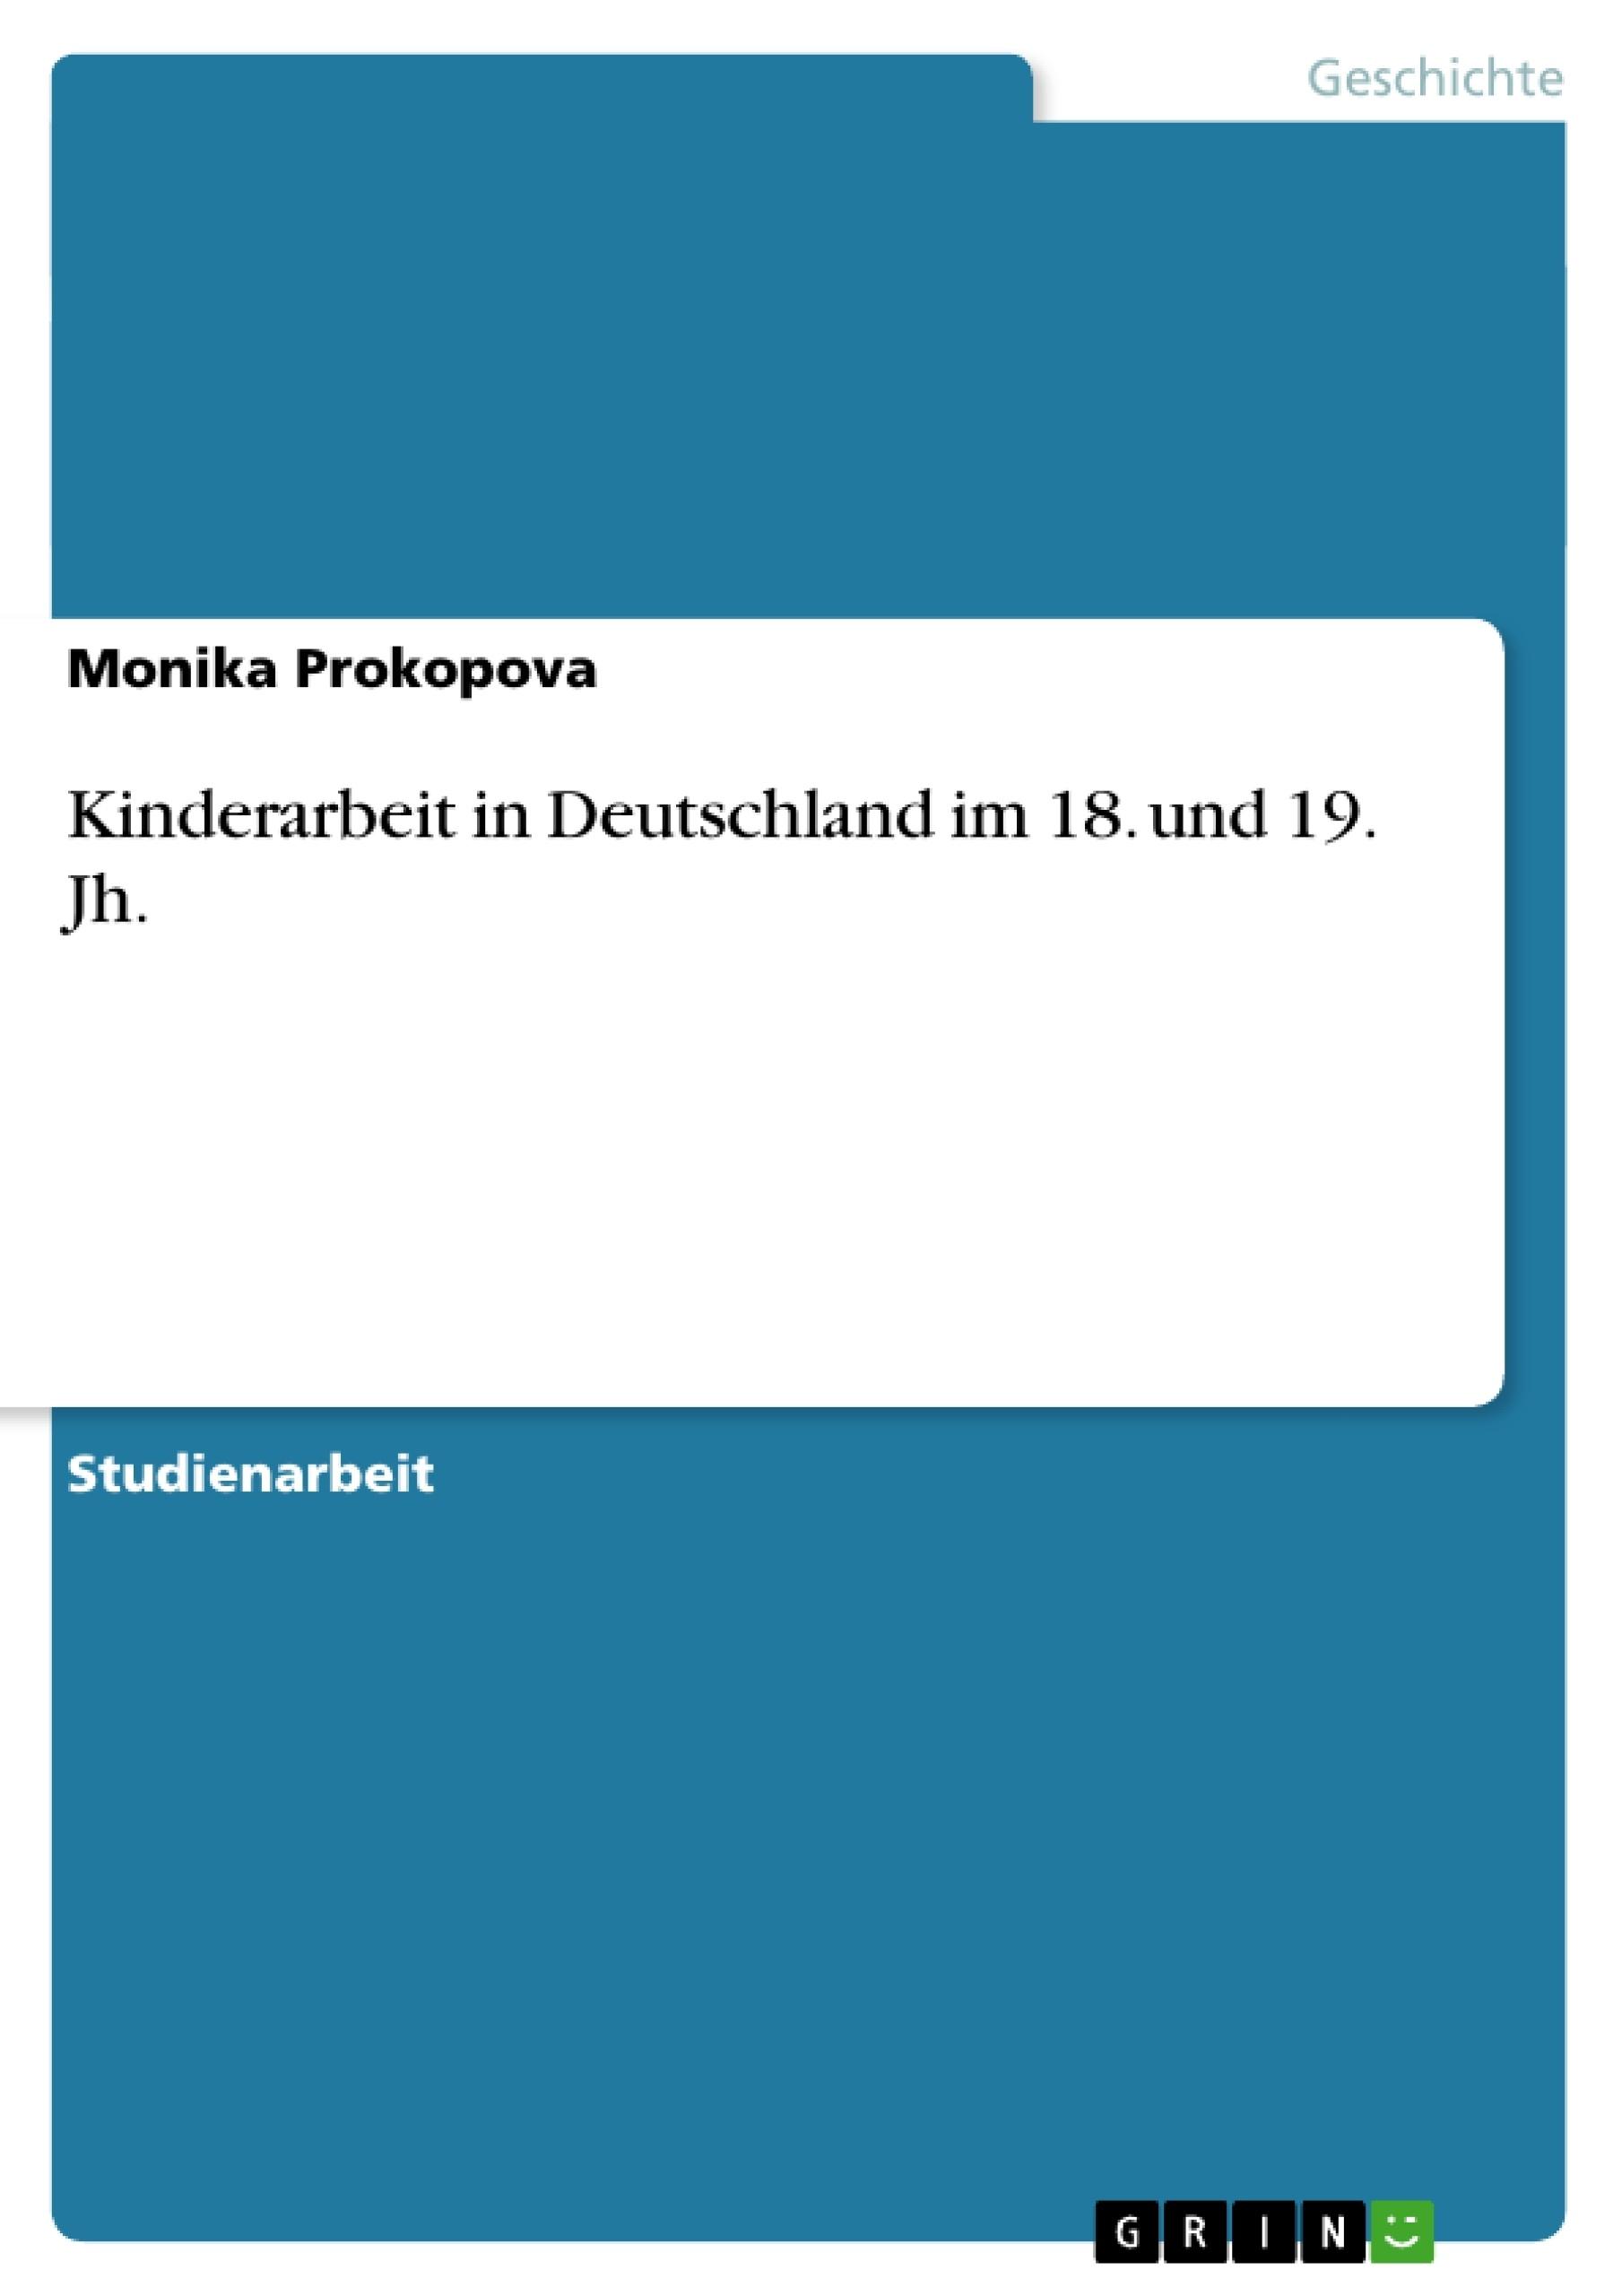 Titel: Kinderarbeit in Deutschland im 18. und 19. Jh.